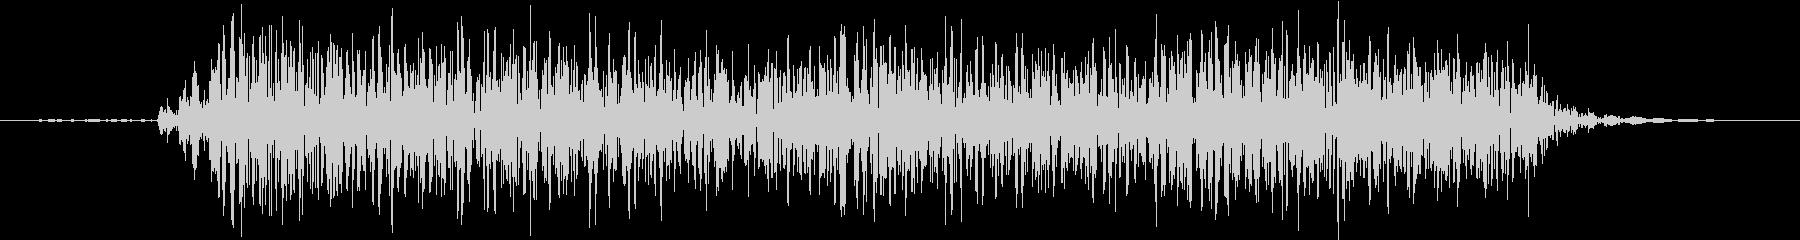 【エレキ ギター】クリーン ジャカジャカの未再生の波形